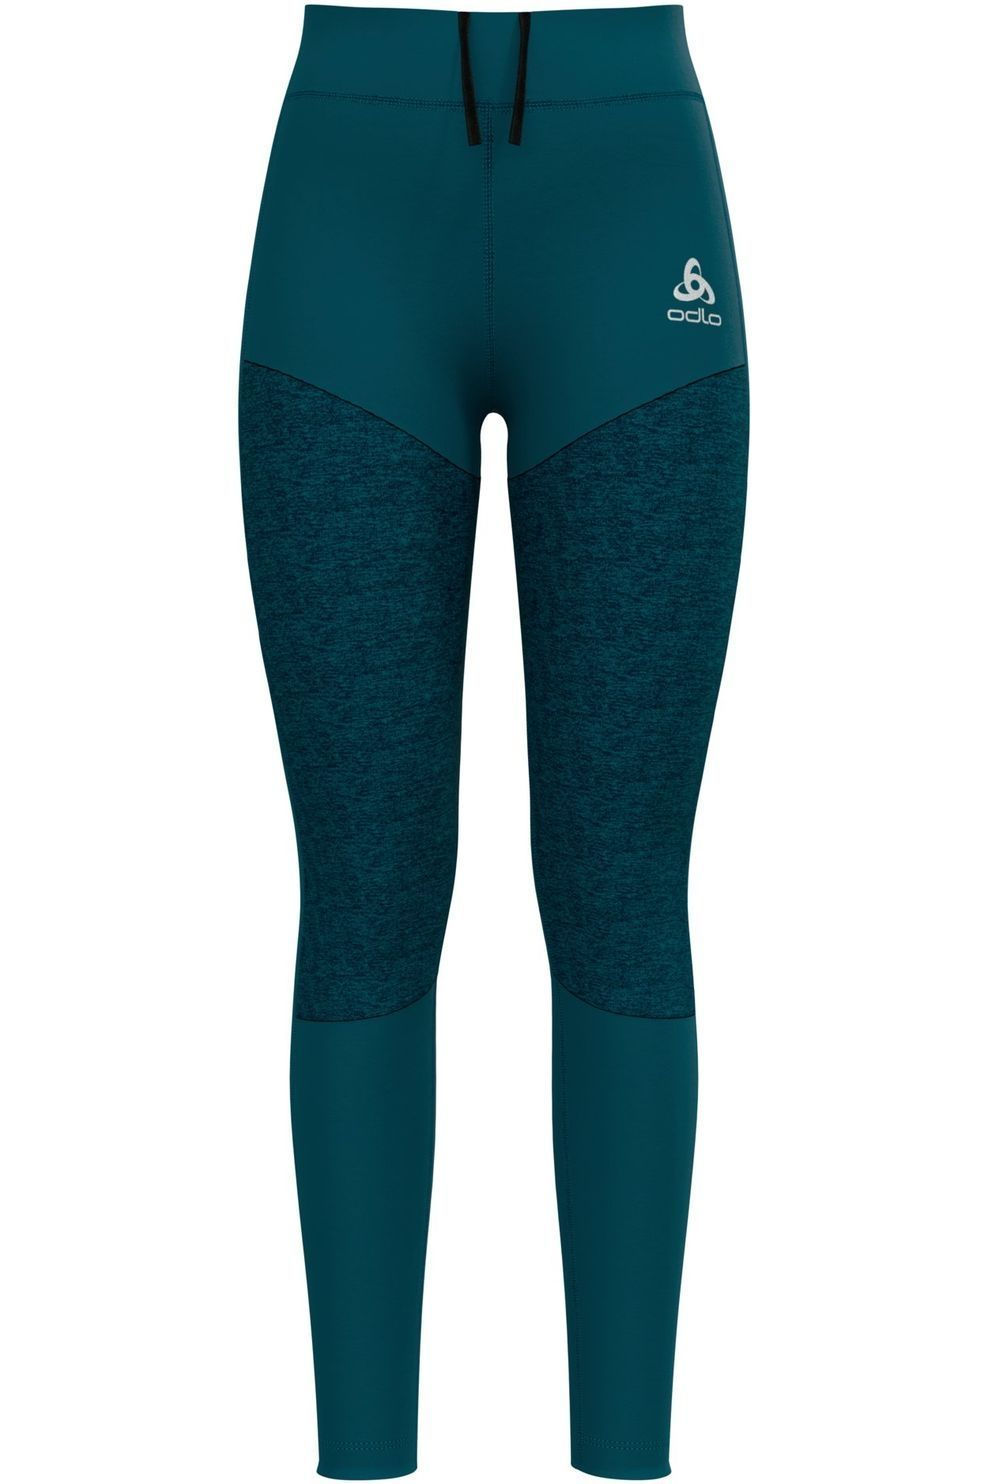 Odlo Legging Millennium Yakwarm voor dames - Blauw - Maten: S, M, L